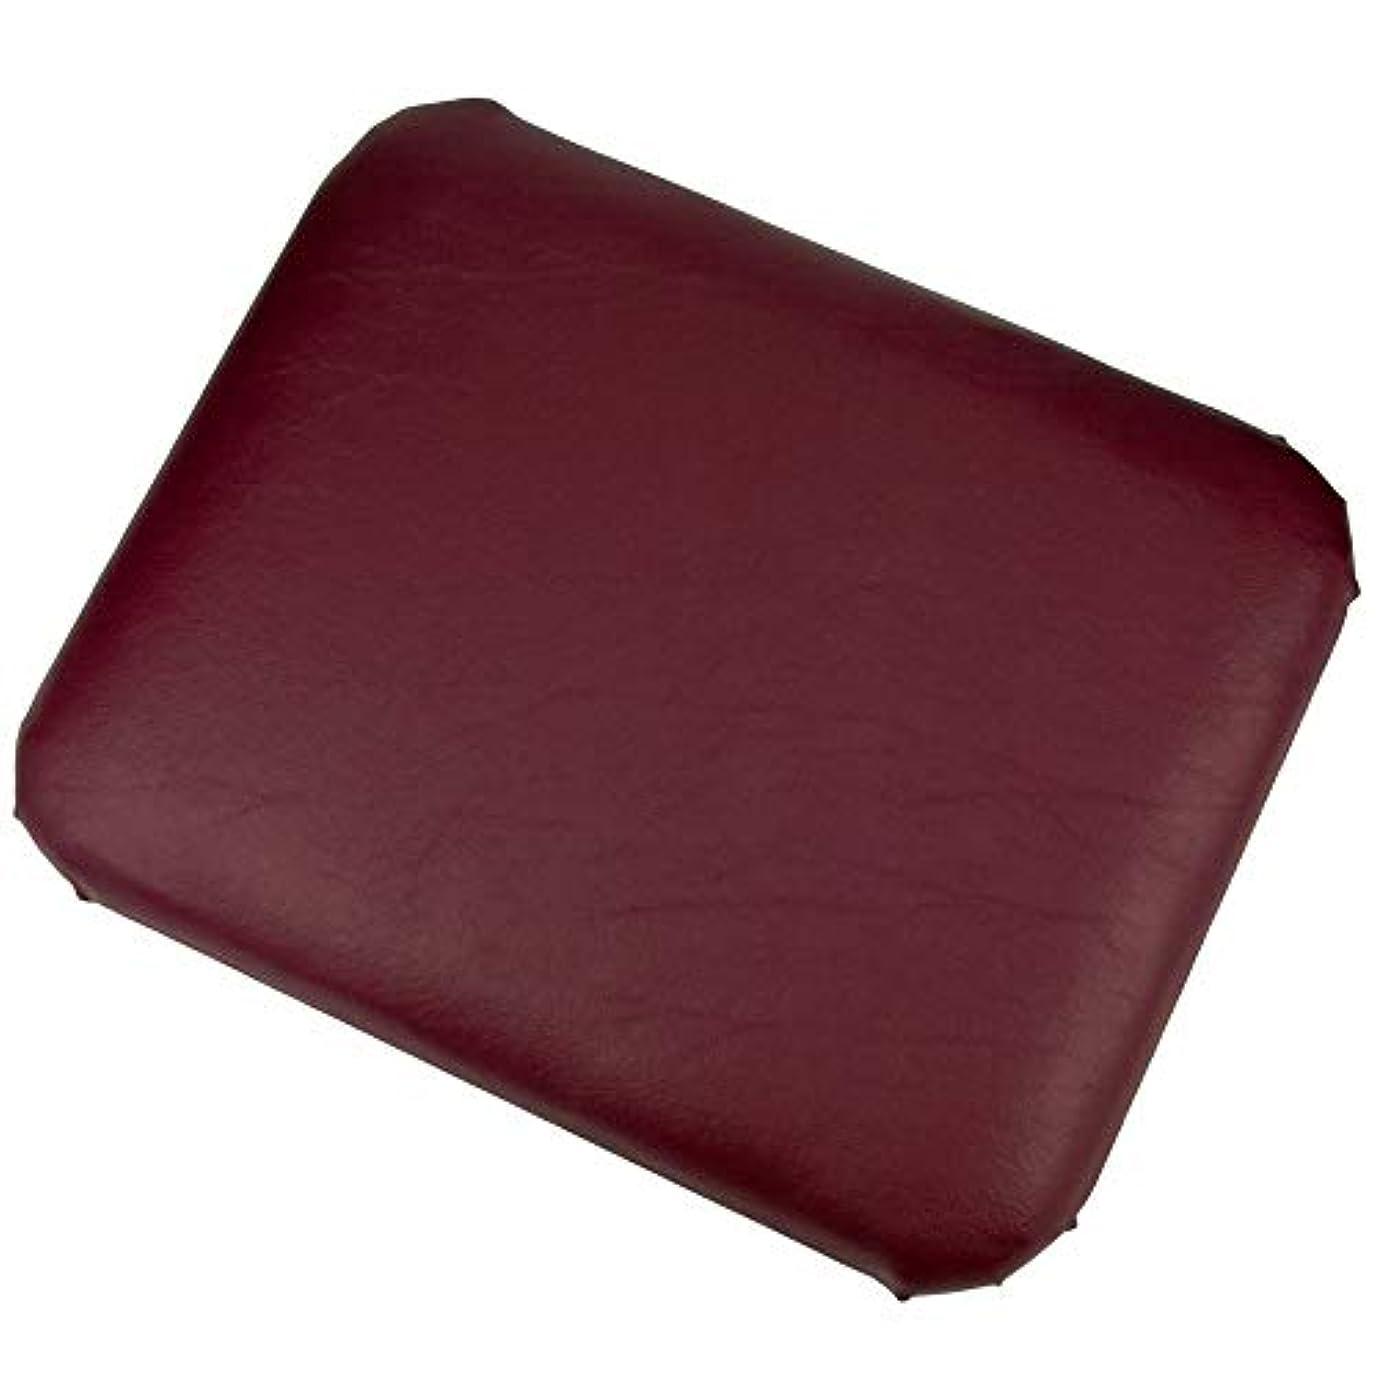 若者物理的な煩わしいLLOYD (ロイド) テーブルボード 骨盤 マッサージ 柔らかすぎる テーブル や ベッド を安定させ 脊椎 の 前方変位 の 矯正 などにも最適 【ルビー】